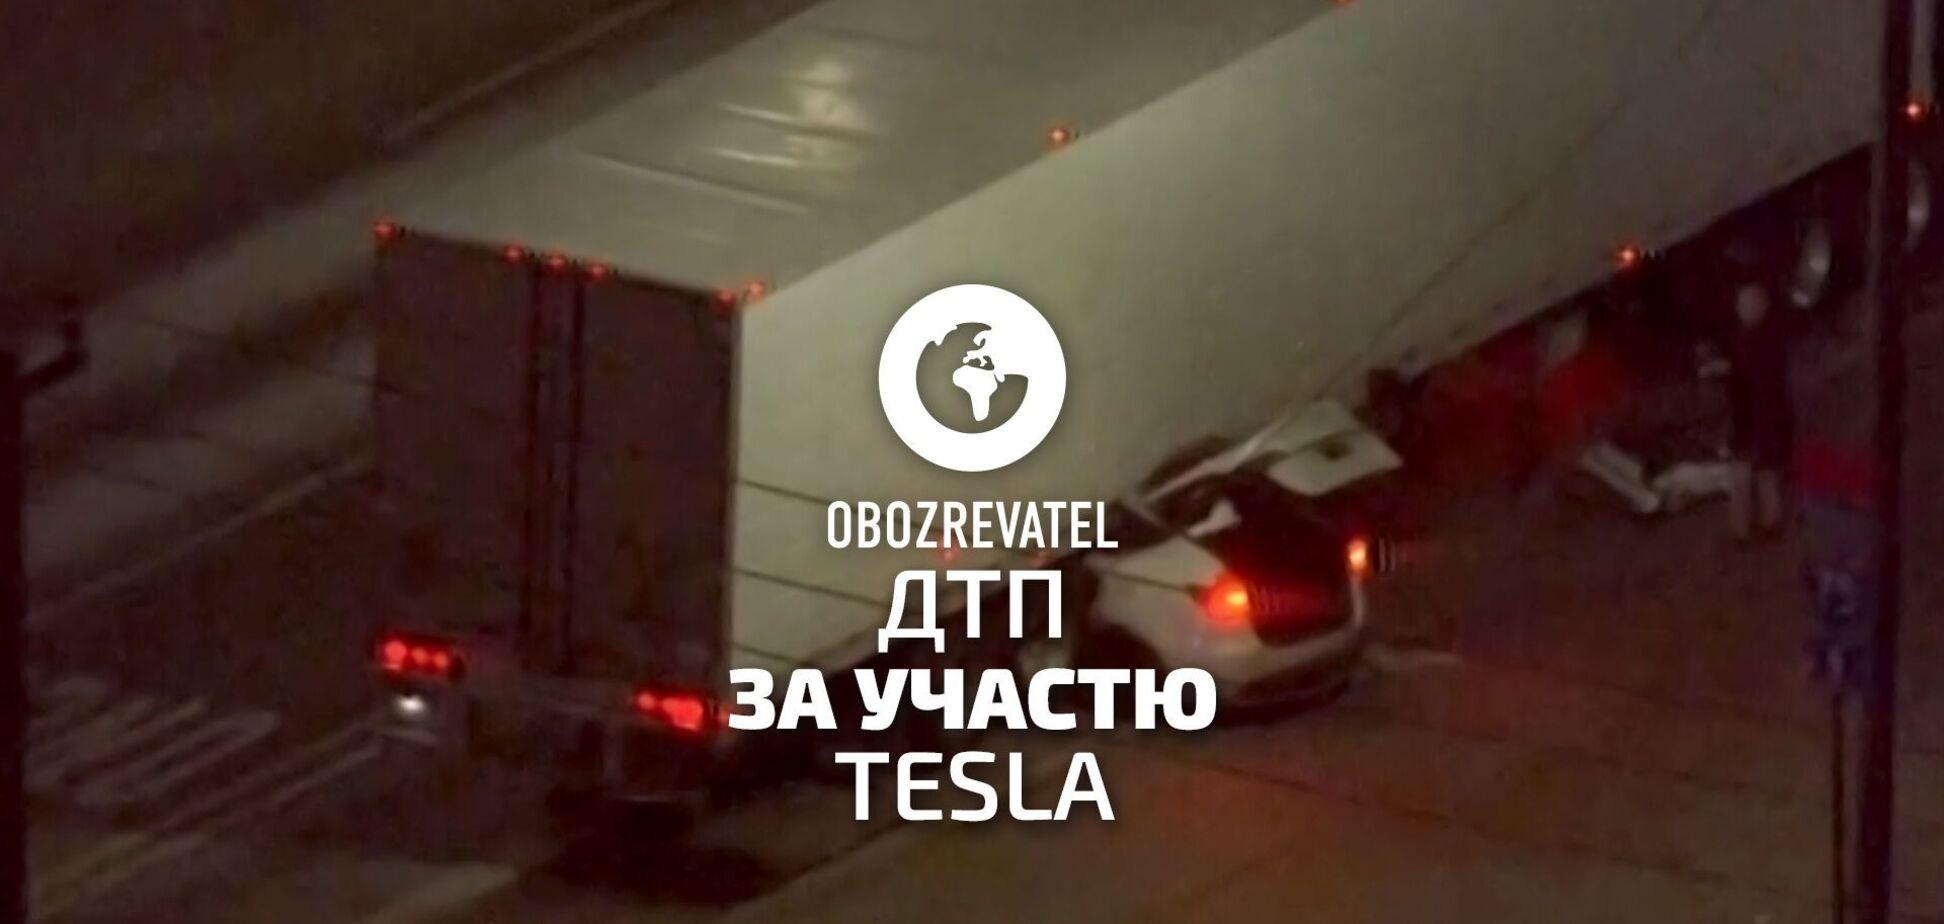 Tesla втретє потрапила в ДТП, перебуваючи в напівавтоматичному режимі